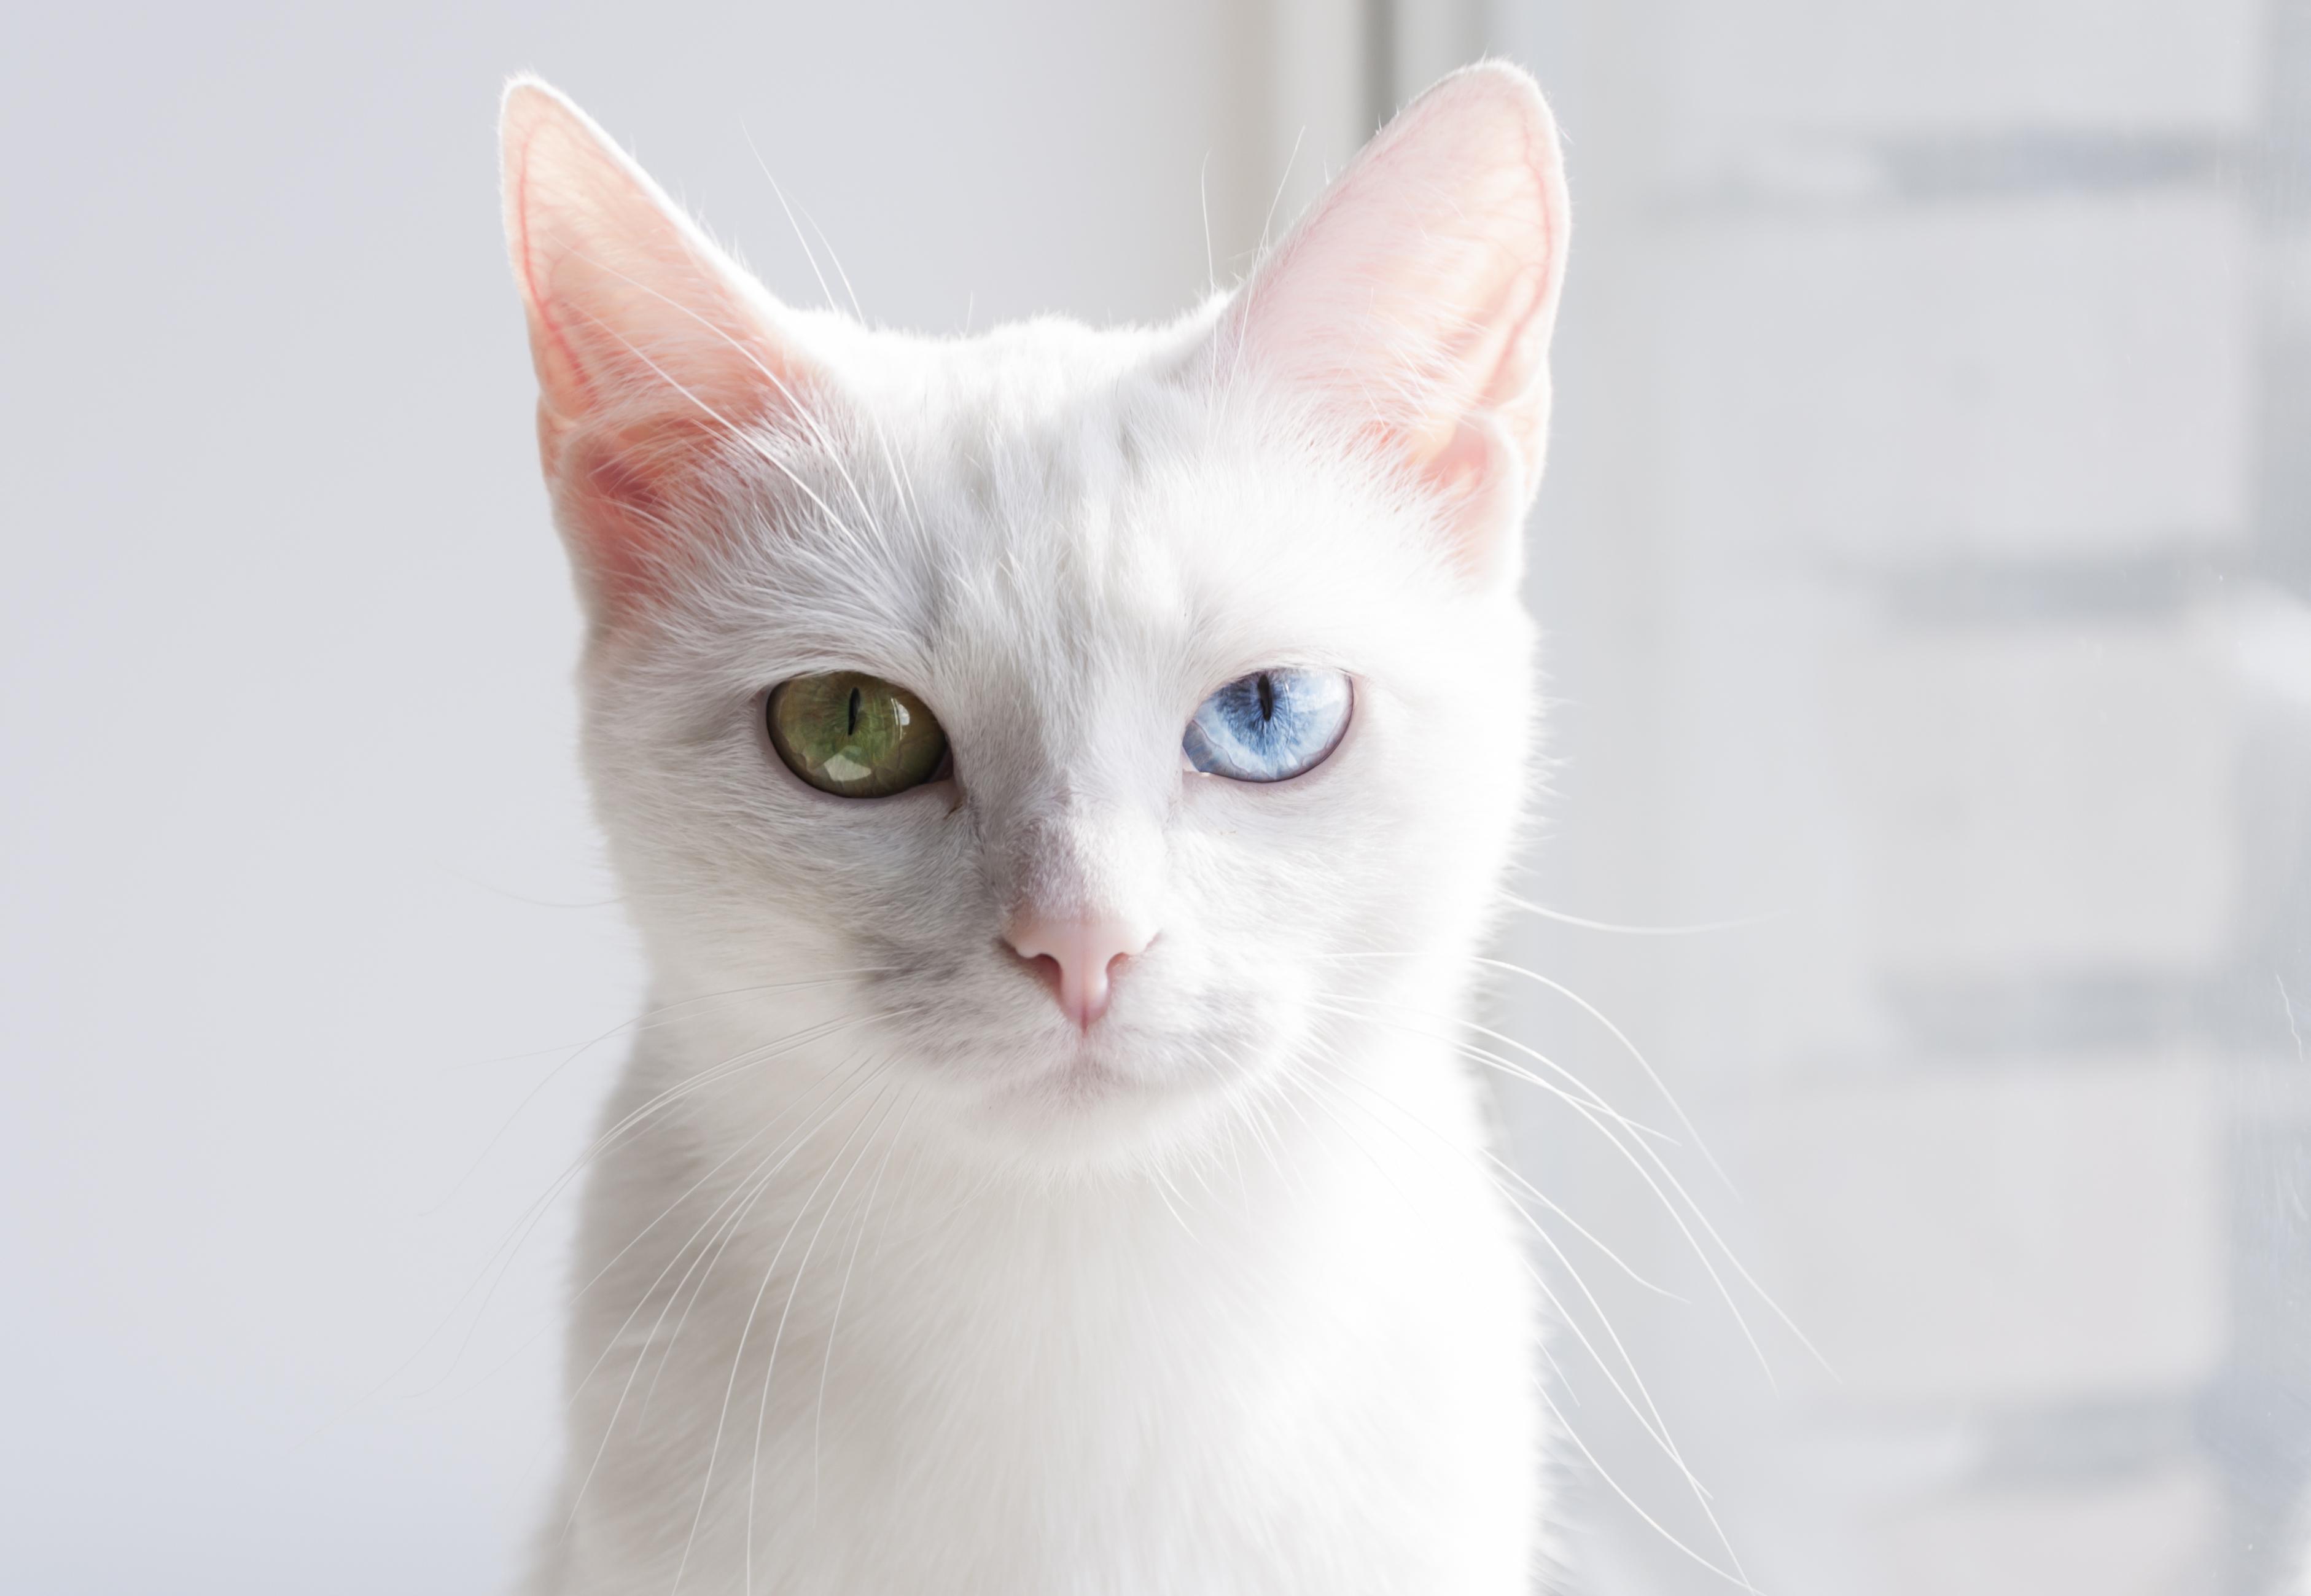 5 สิ่งที่คุณอาจไม่เคยรู้เกี่ยวกับแมวขาวมณี - chimlang |  บทความเกี่ยวกับสัตว์เลี้ยงน่ารัก